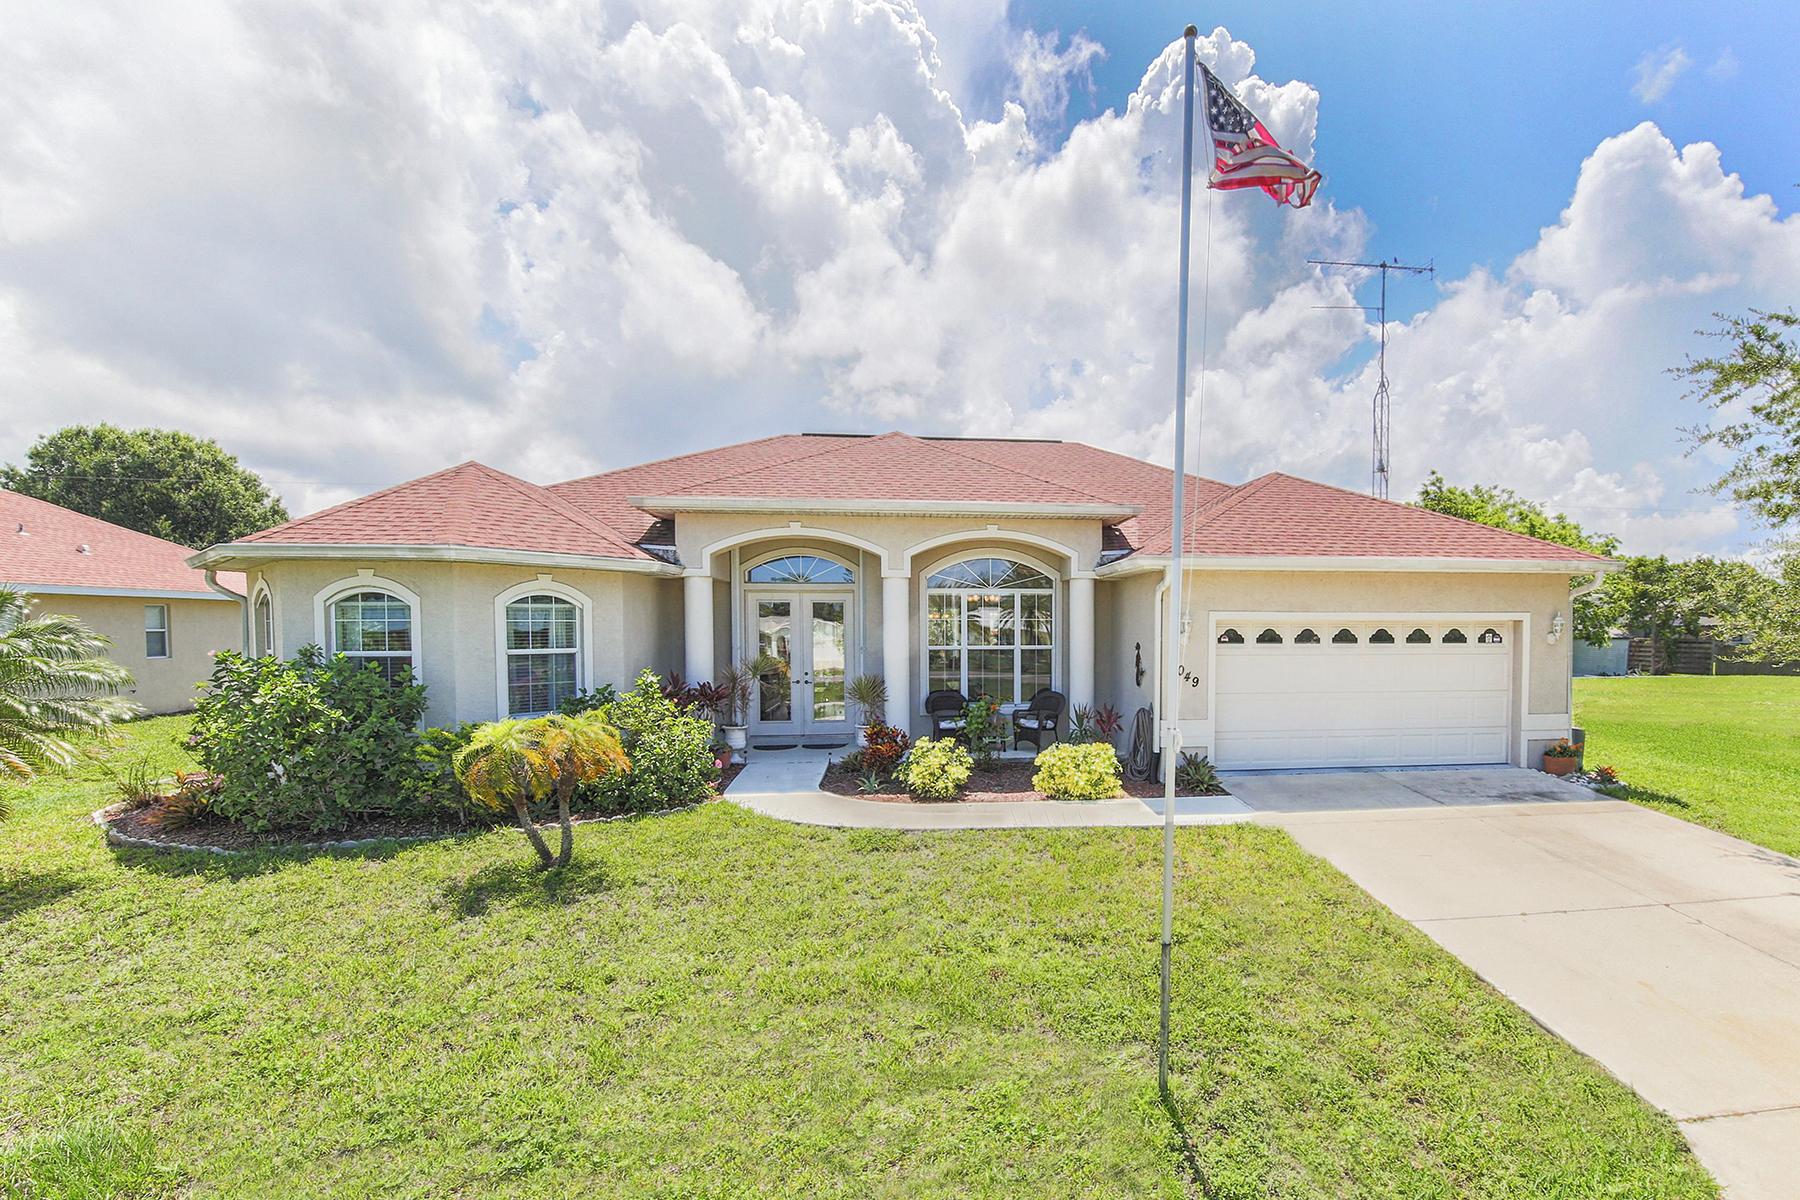 단독 가정 주택 용 매매 에 ENGLEWOOD 1049 Old Englewood Rd Englewood, 플로리다, 34223 미국